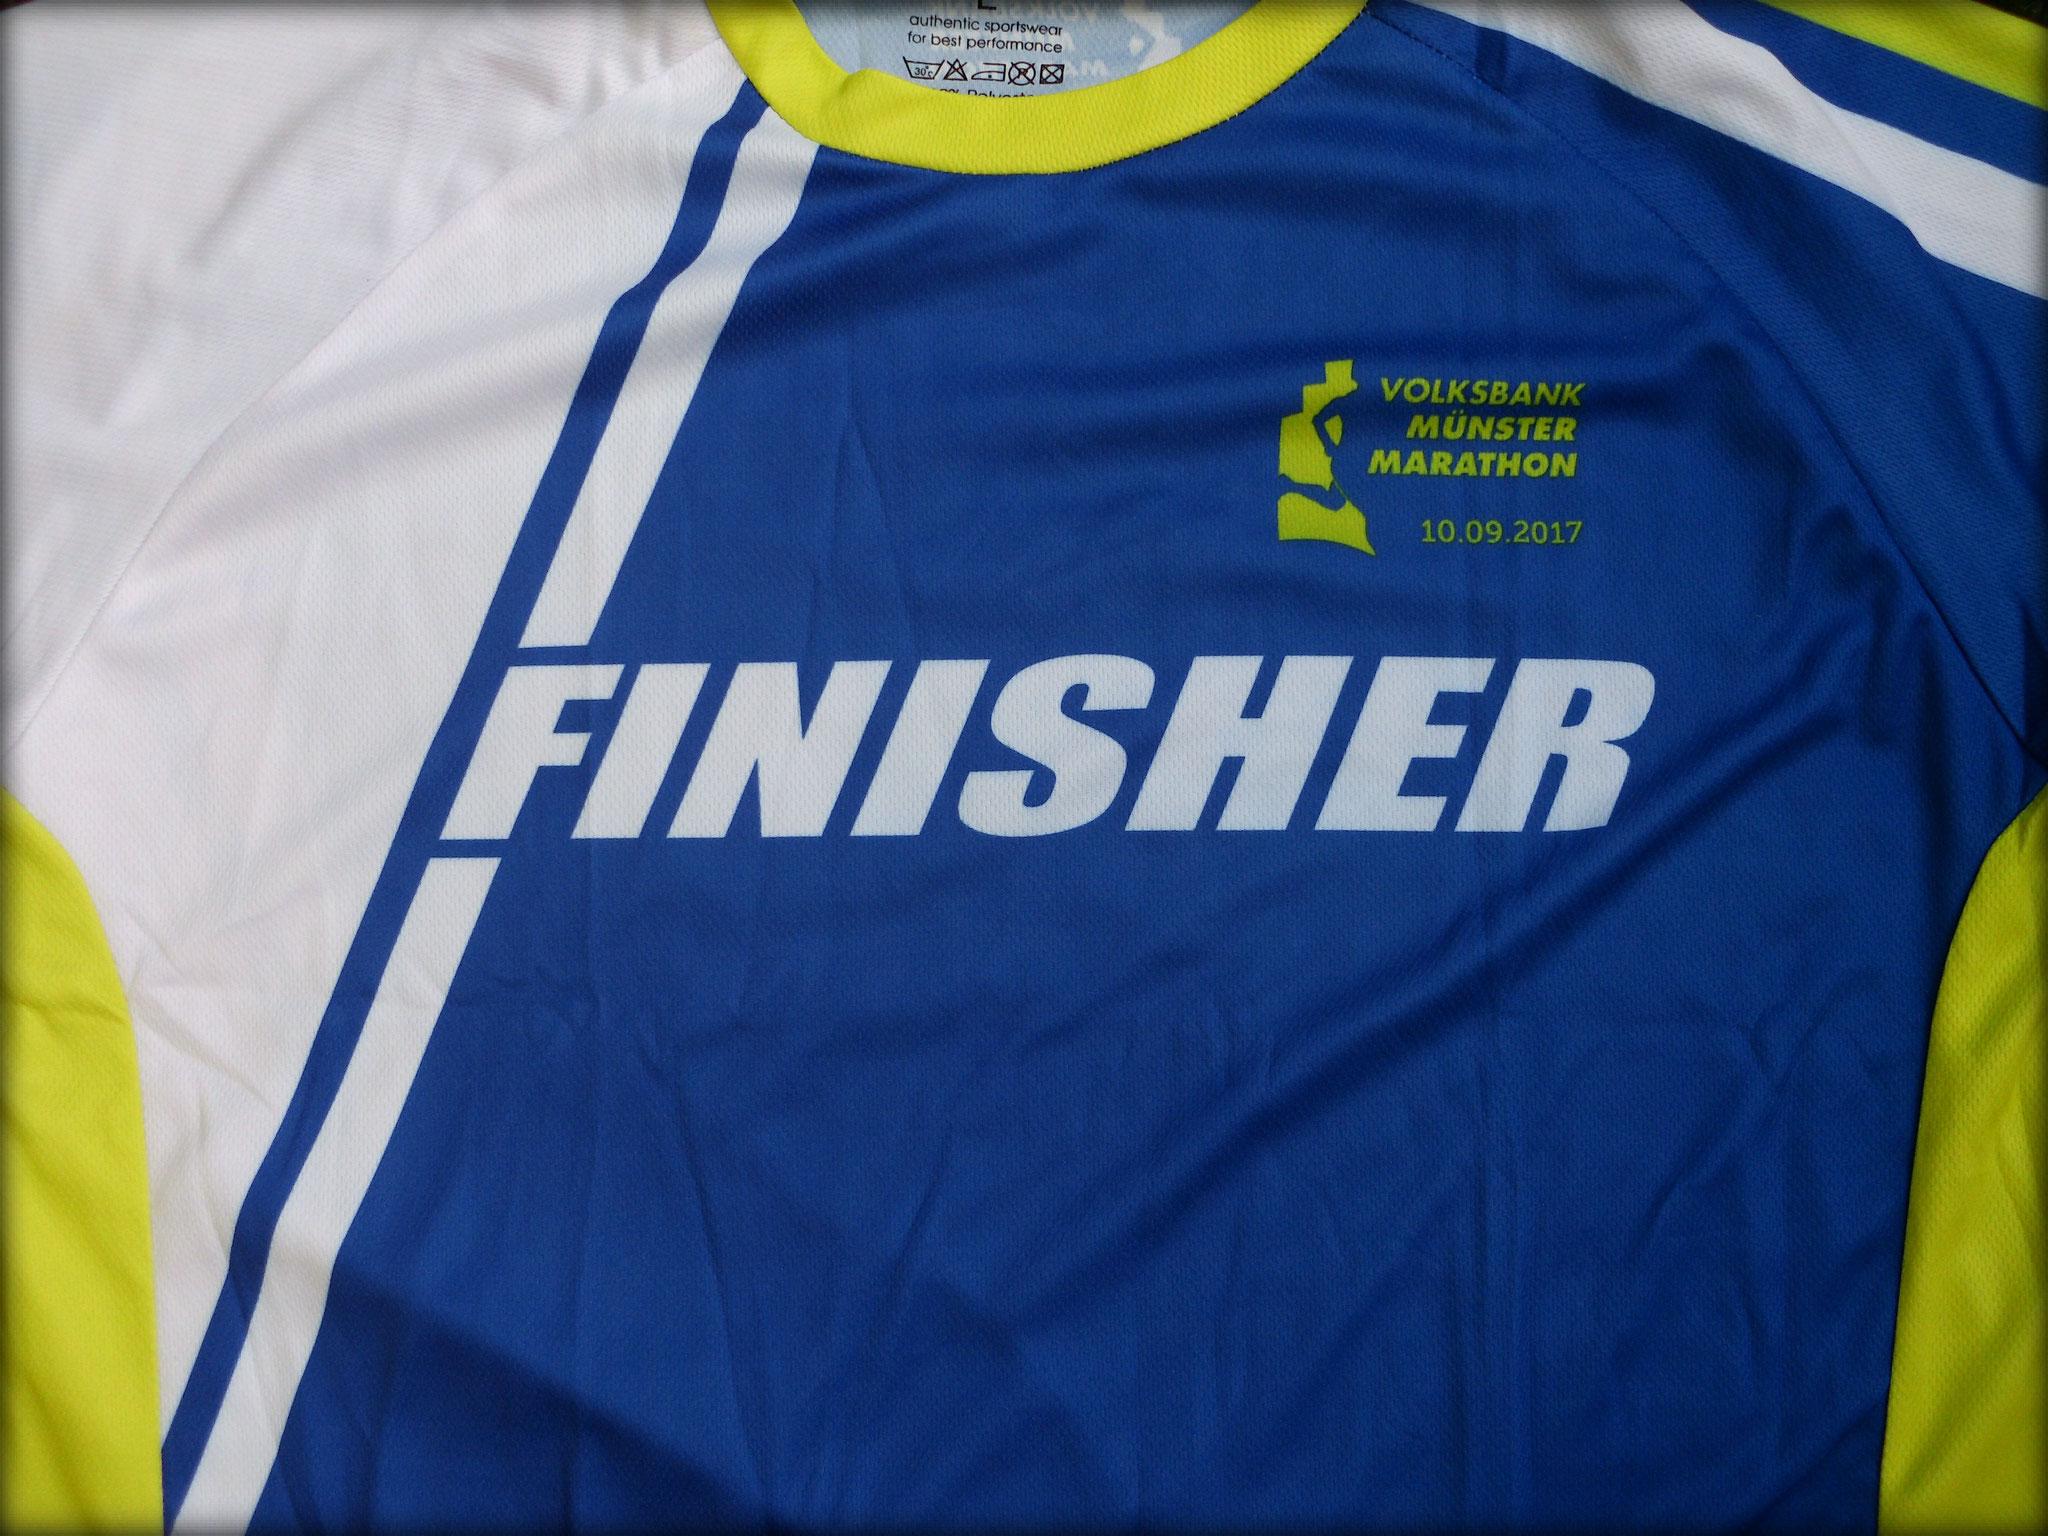 Münster Marathon 2017 - Finisher-Shirt